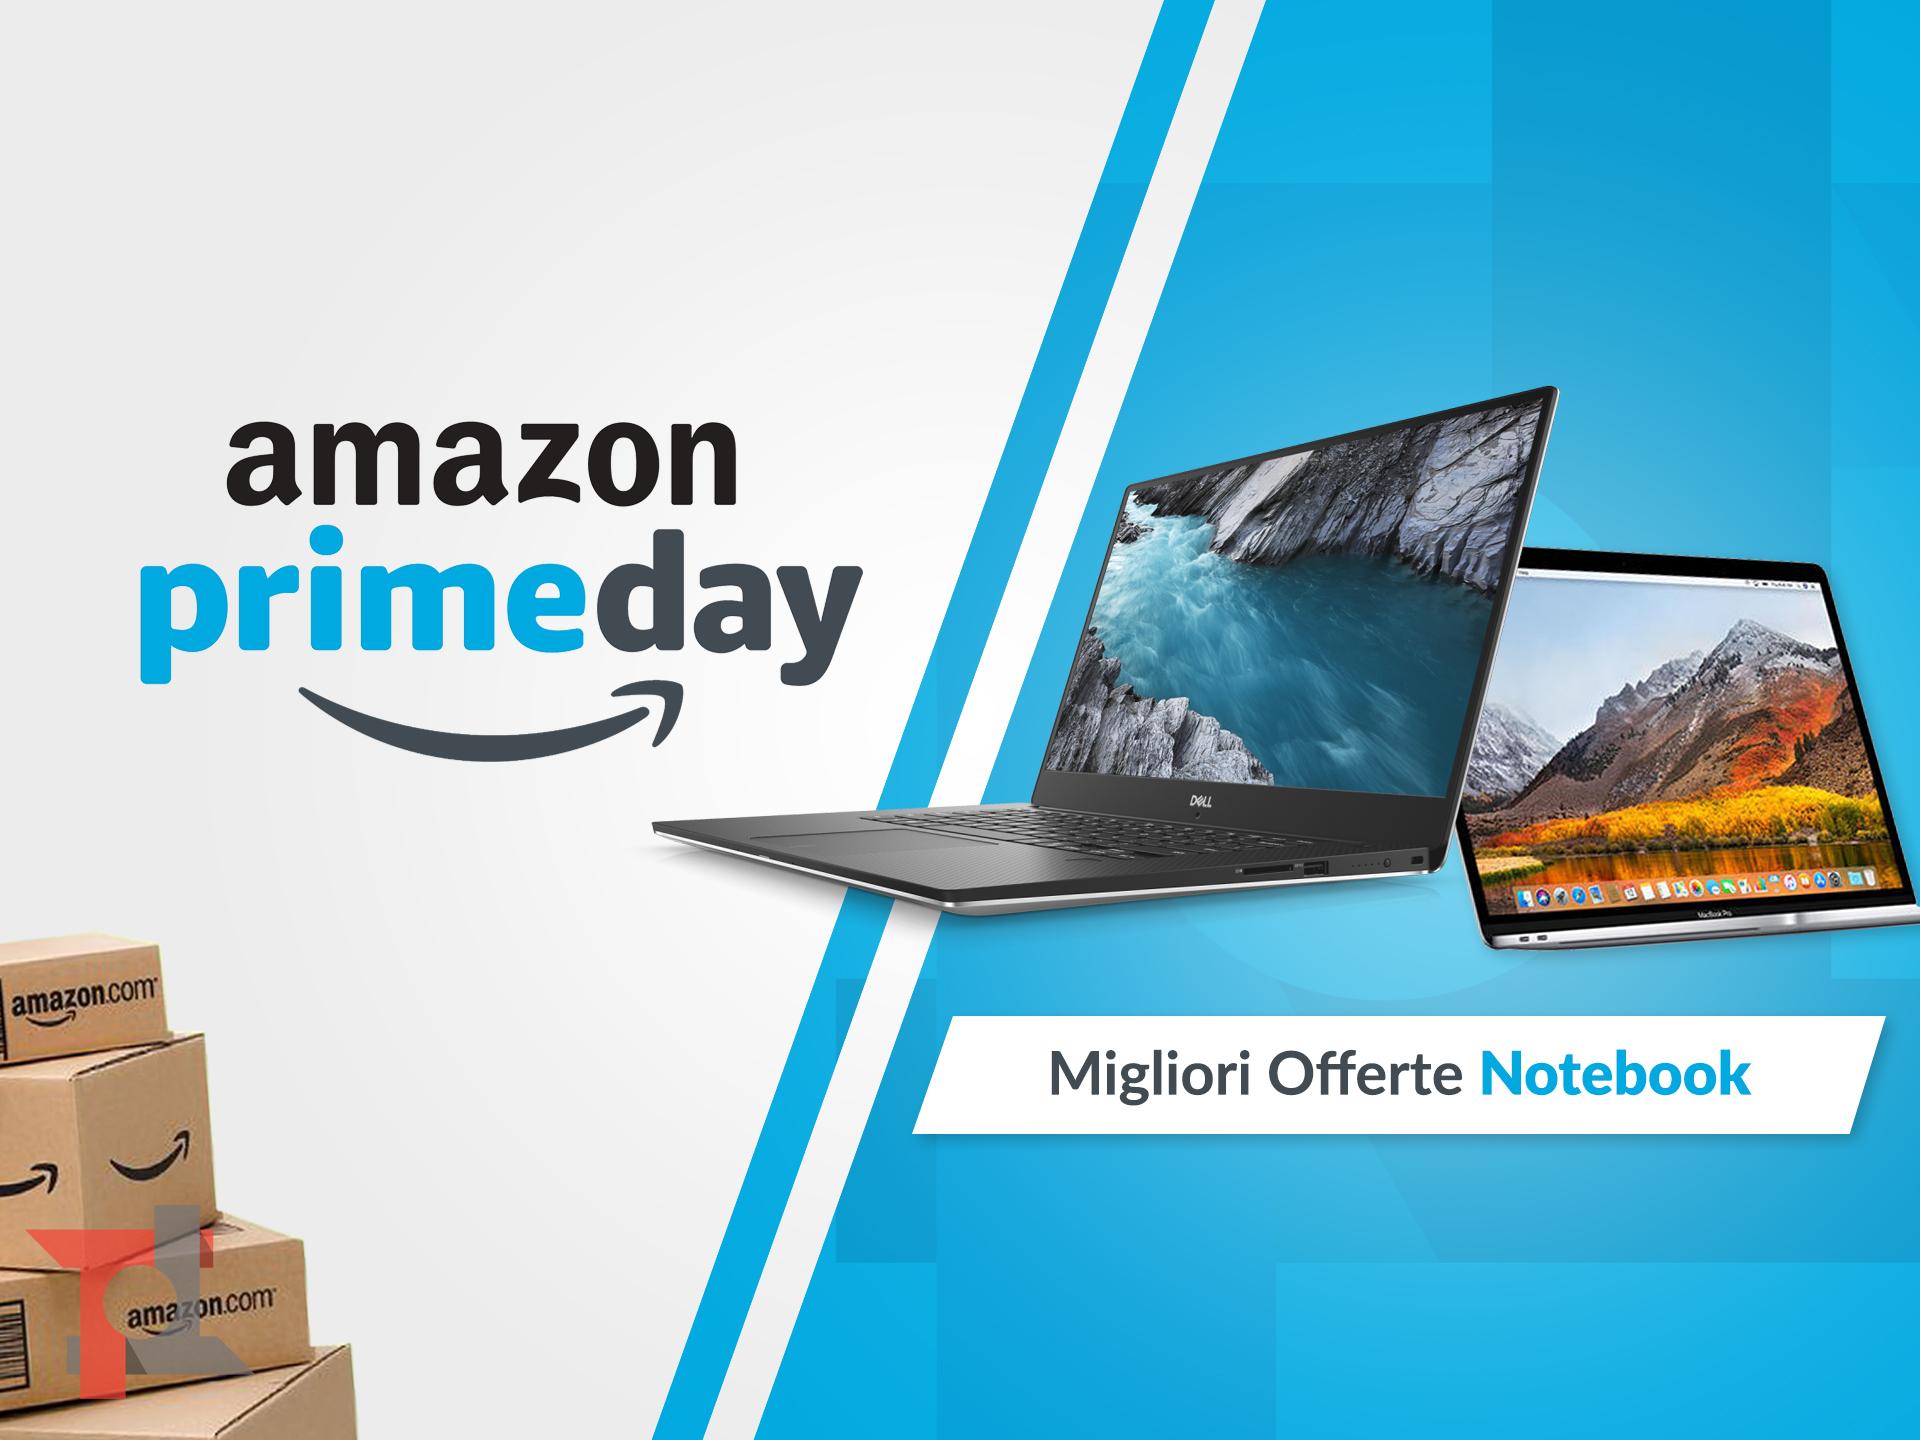 migliori offerte amazon prime day notebook